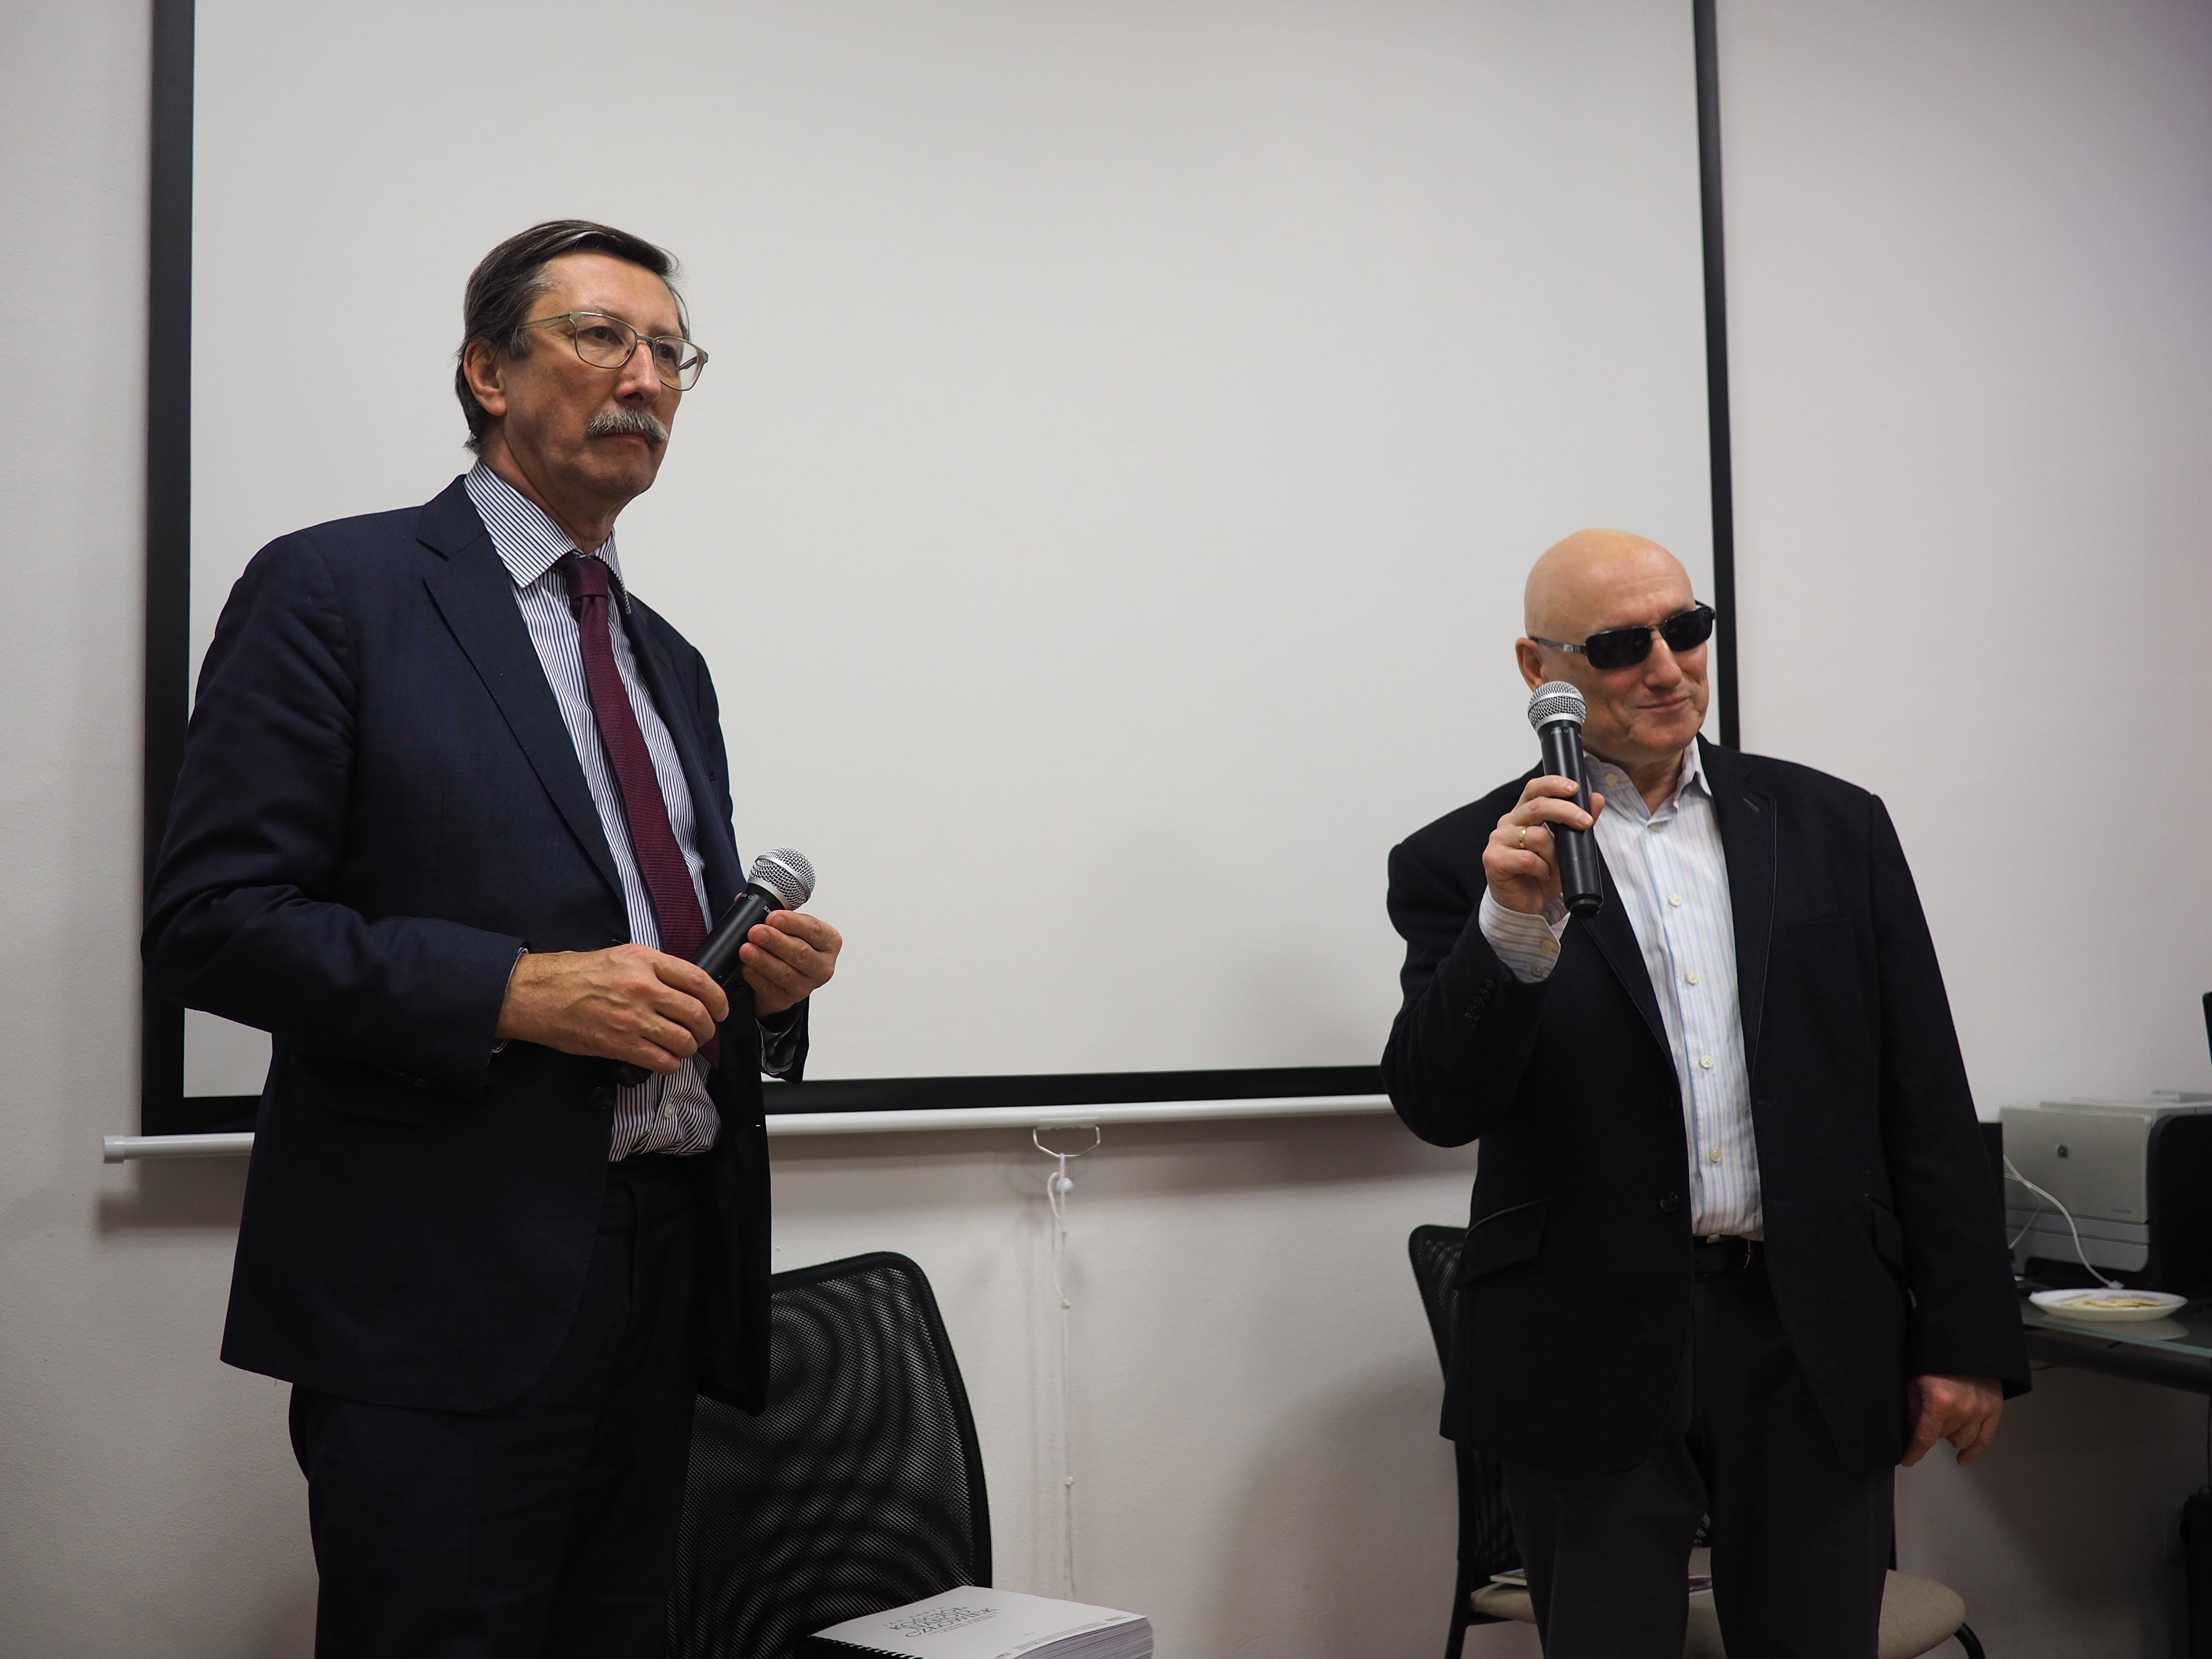 Profesor stoi po lewej str a Pan MArek po prawej